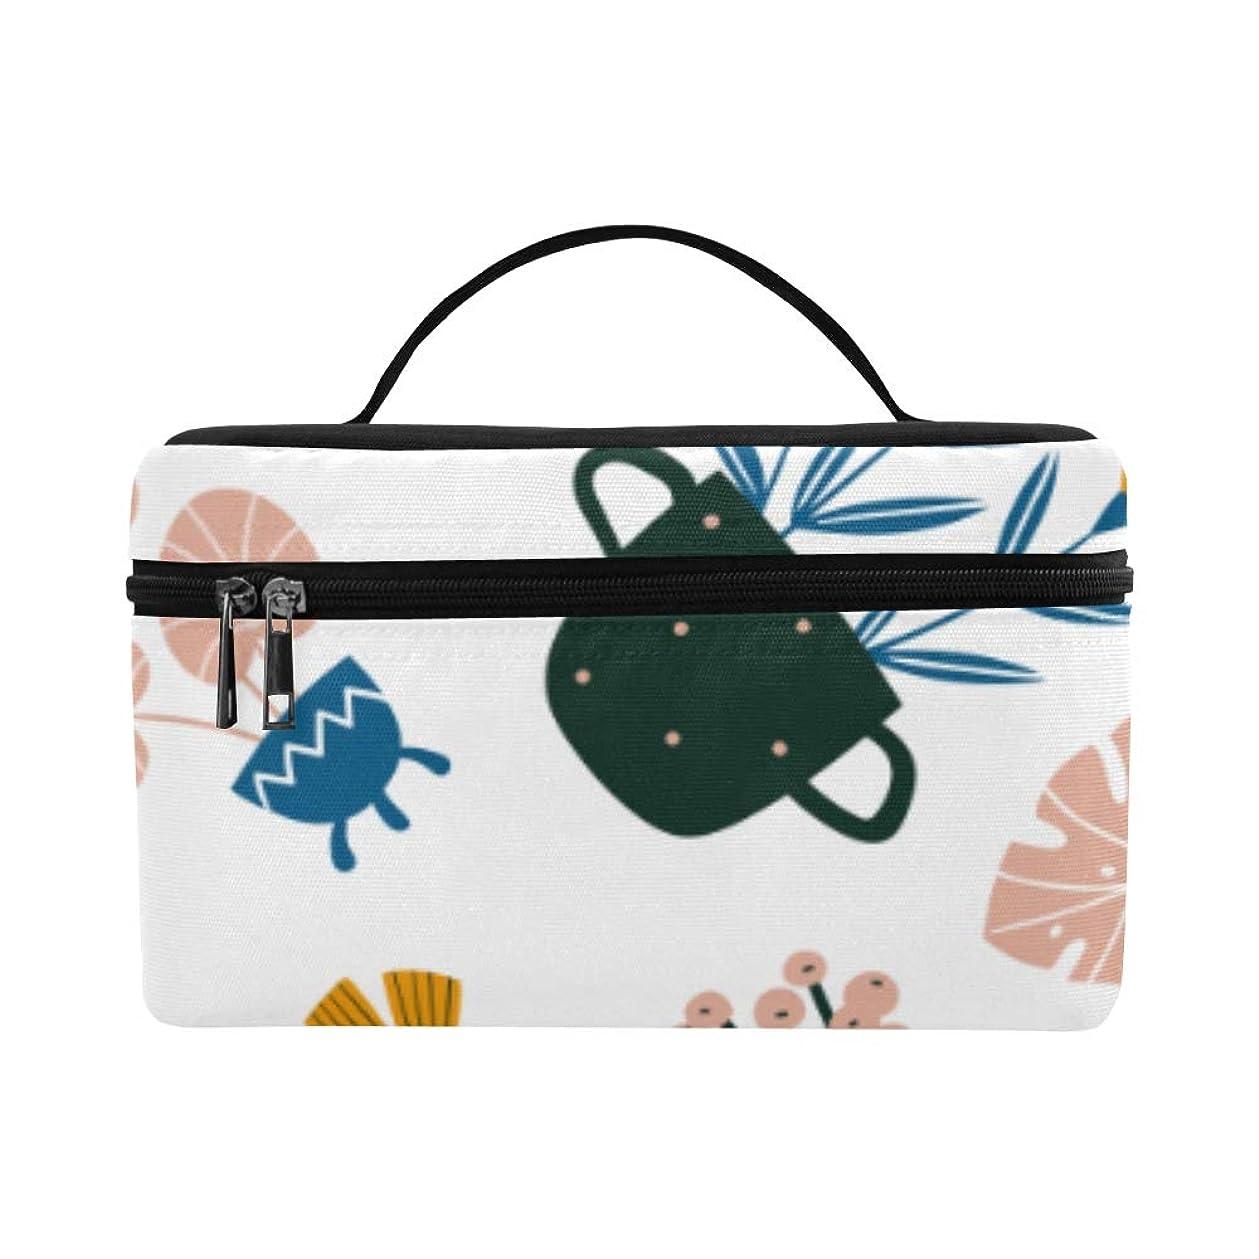 一貫したフリンジ円形のTELSG メイクボックス 華々しい花瓶や花 コスメ収納 化粧品収納ケース 大容量 収納ボックス 化粧品入れ 化粧バッグ 旅行用 メイクブラシバッグ 化粧箱 持ち運び便利 プロ用